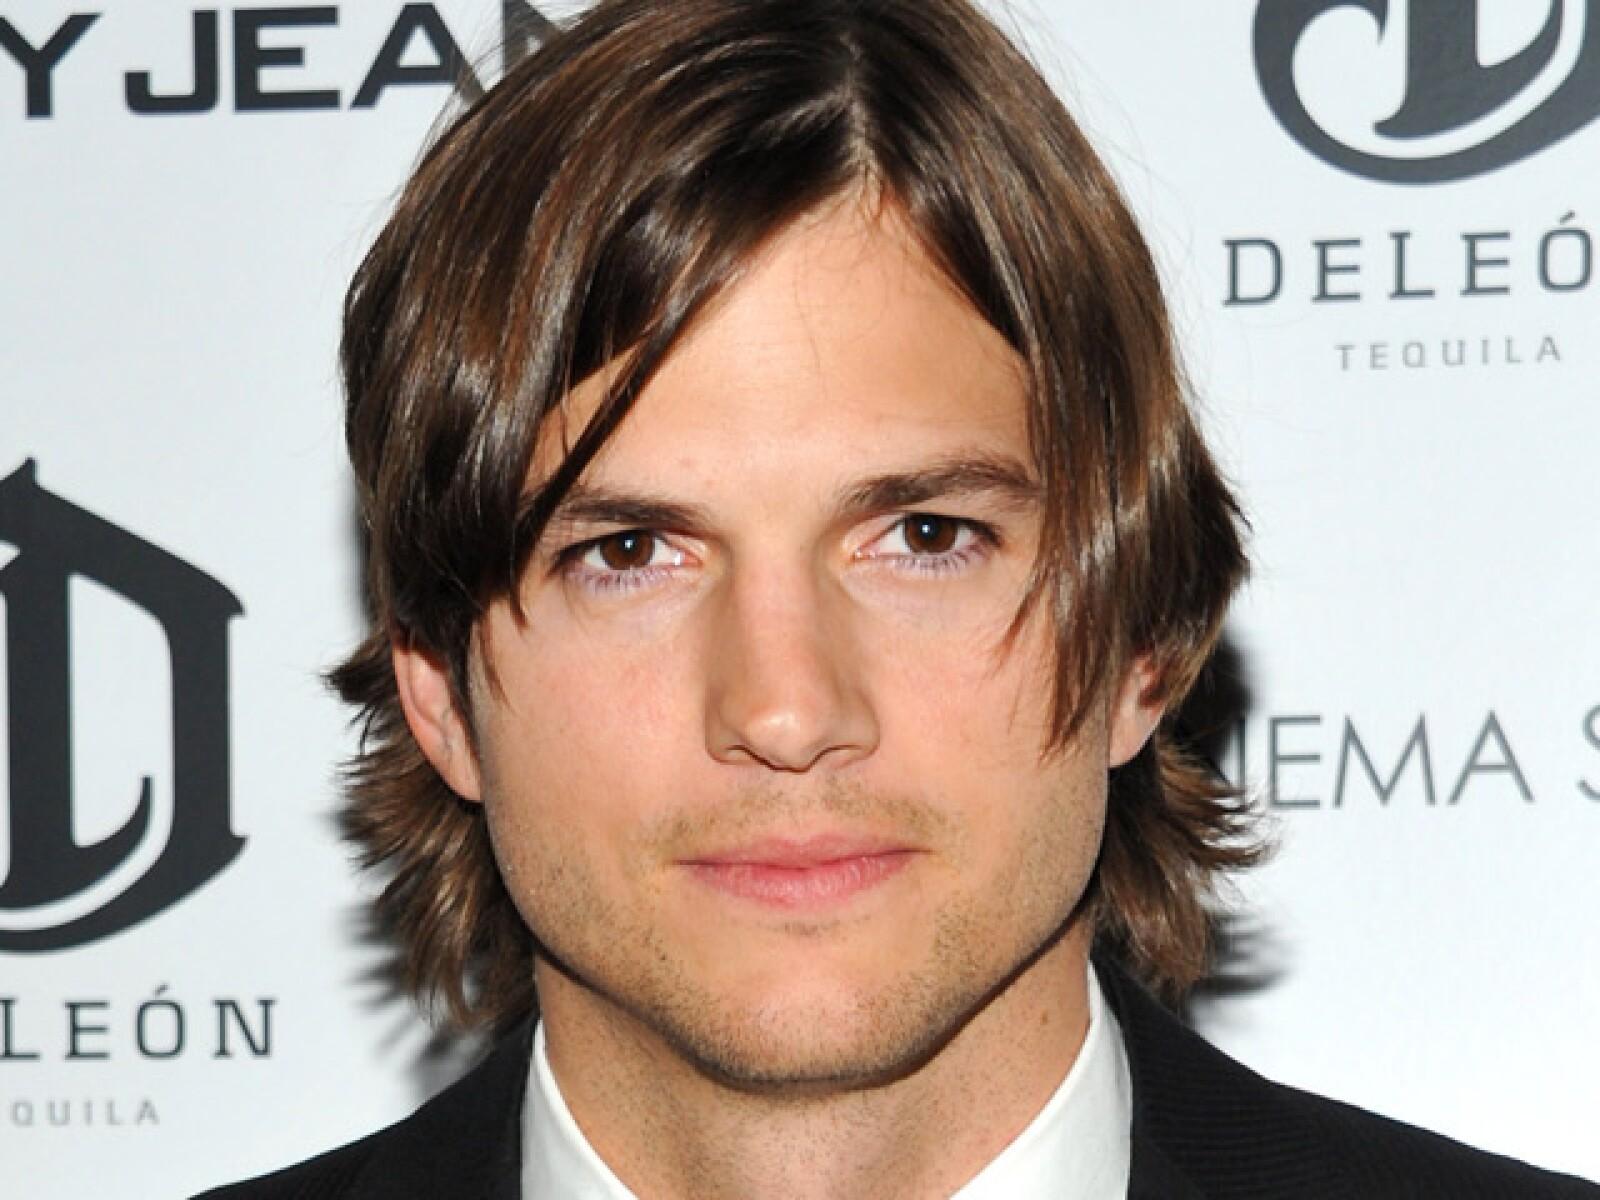 El guapo actor Ashton Kutcher estudió Ingeniería Bioquímica en la Universidad de Iowa.